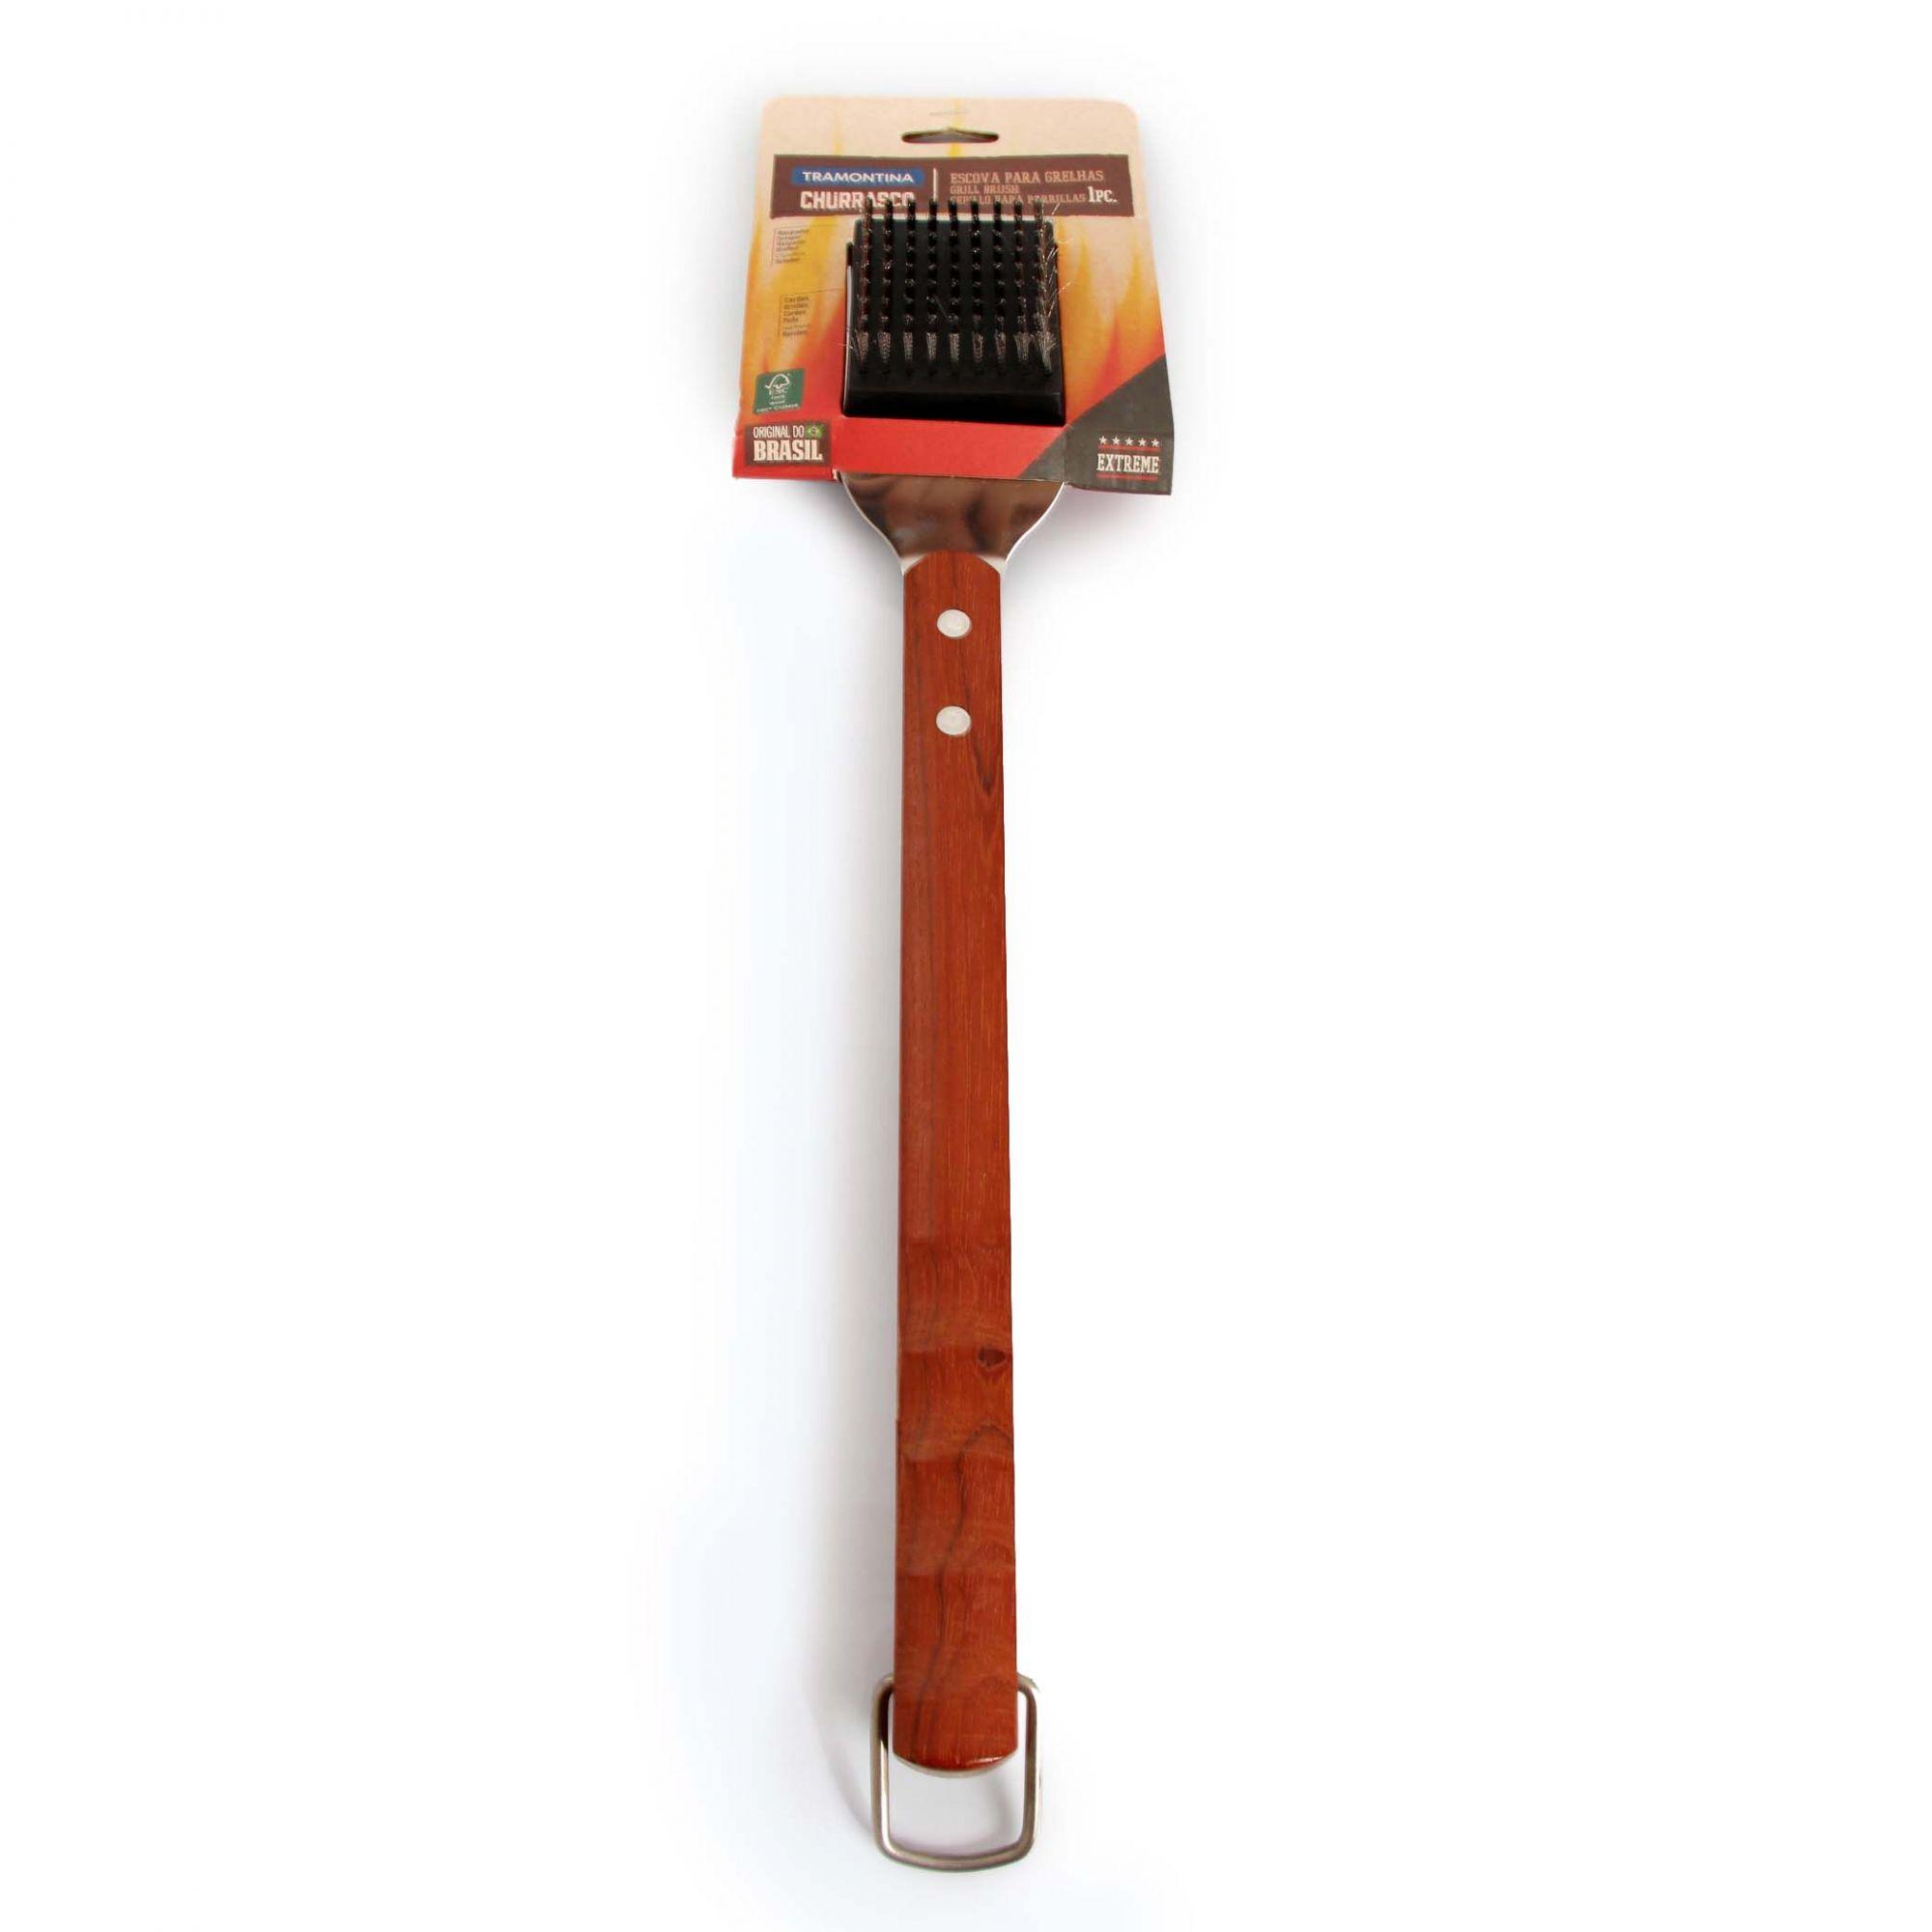 Escova Tramontina para Grelhas Churrasco com Lâmina em Aço Inox e Cabo de Madeira 44,3 cm